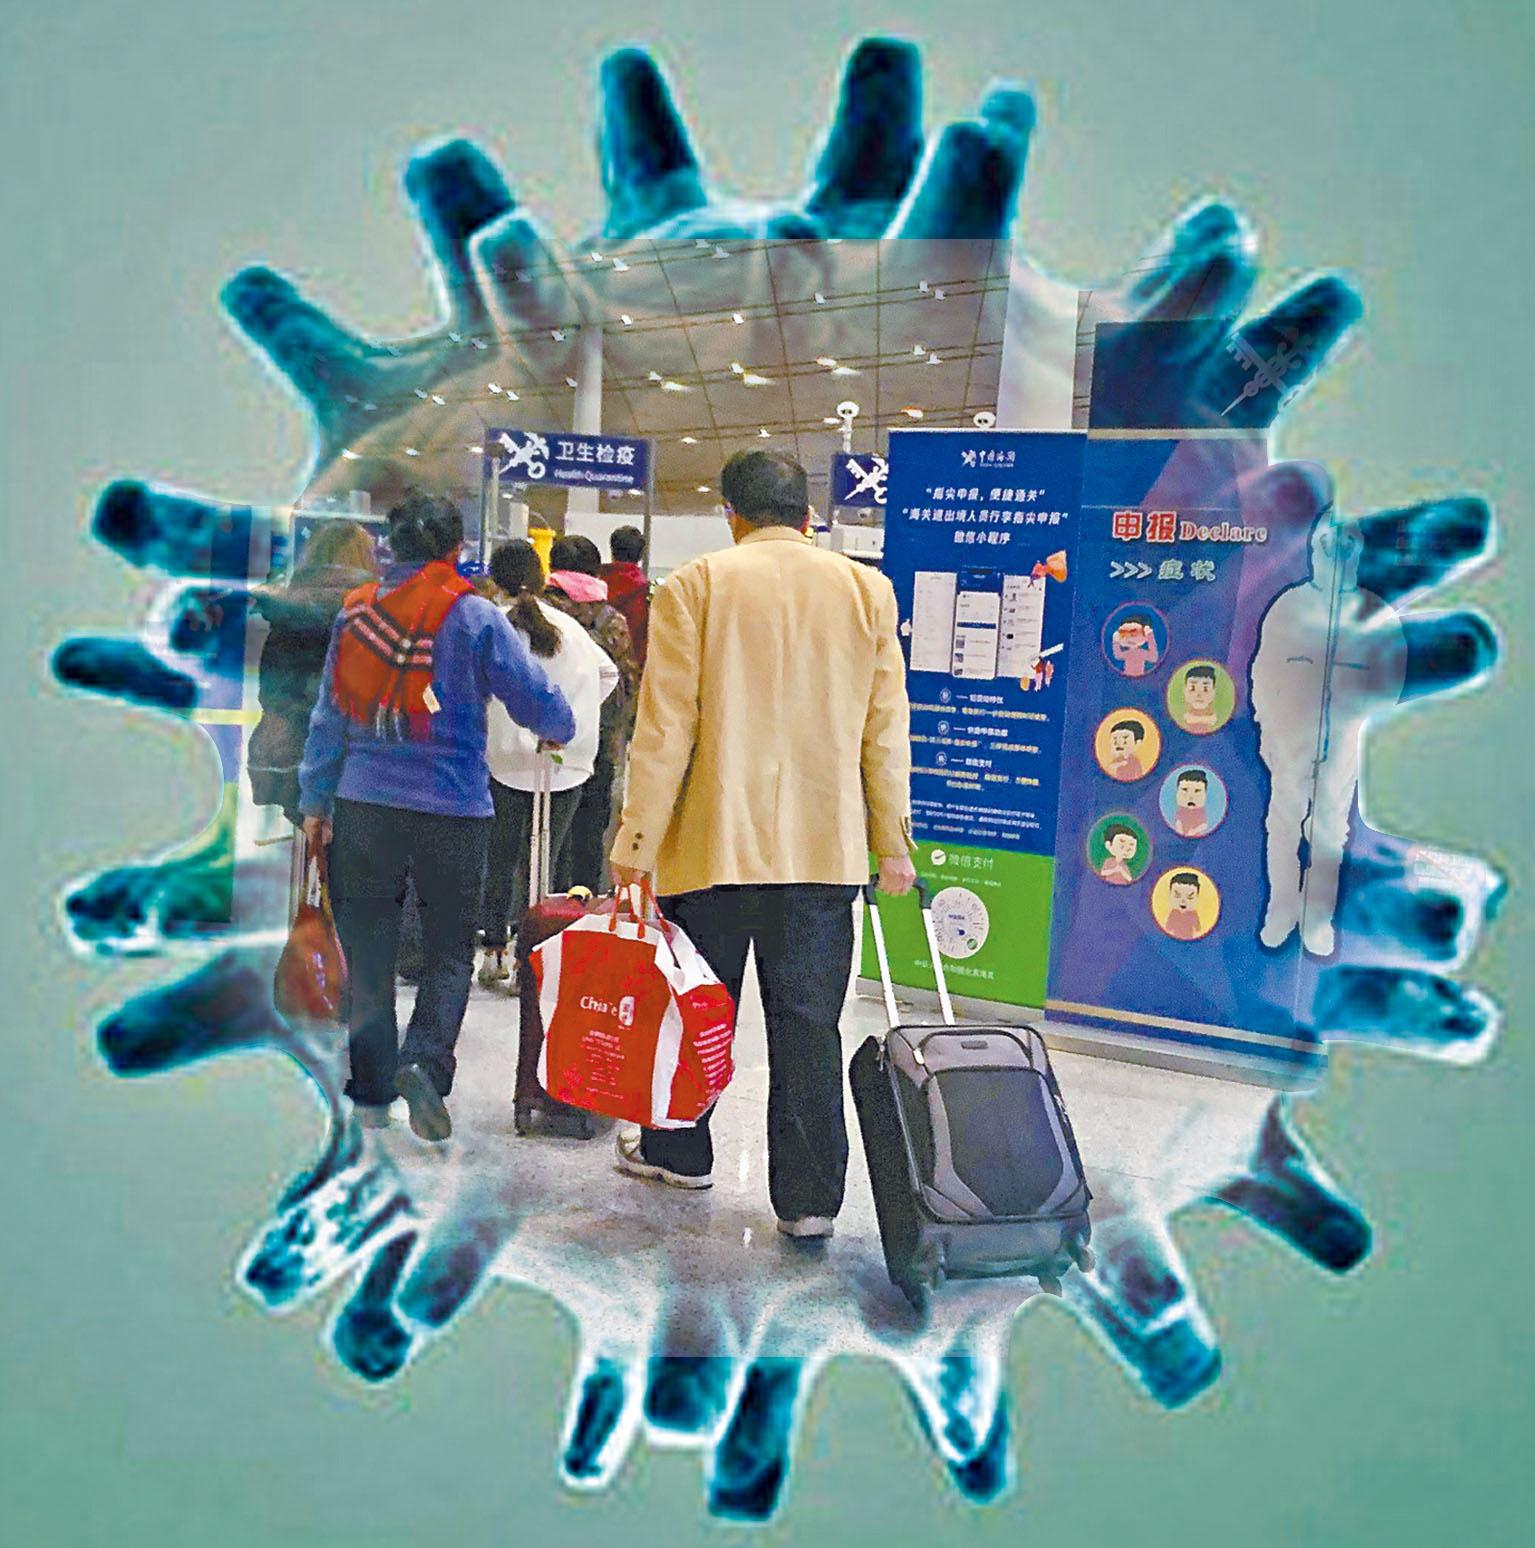 日本、泰國等多地通報確診新型肺火患者,客流量巨大的機場紛紛加強檢查防範。圖為在北京國際機場,旅客在進入機場前須通過健康檢查站。美聯社